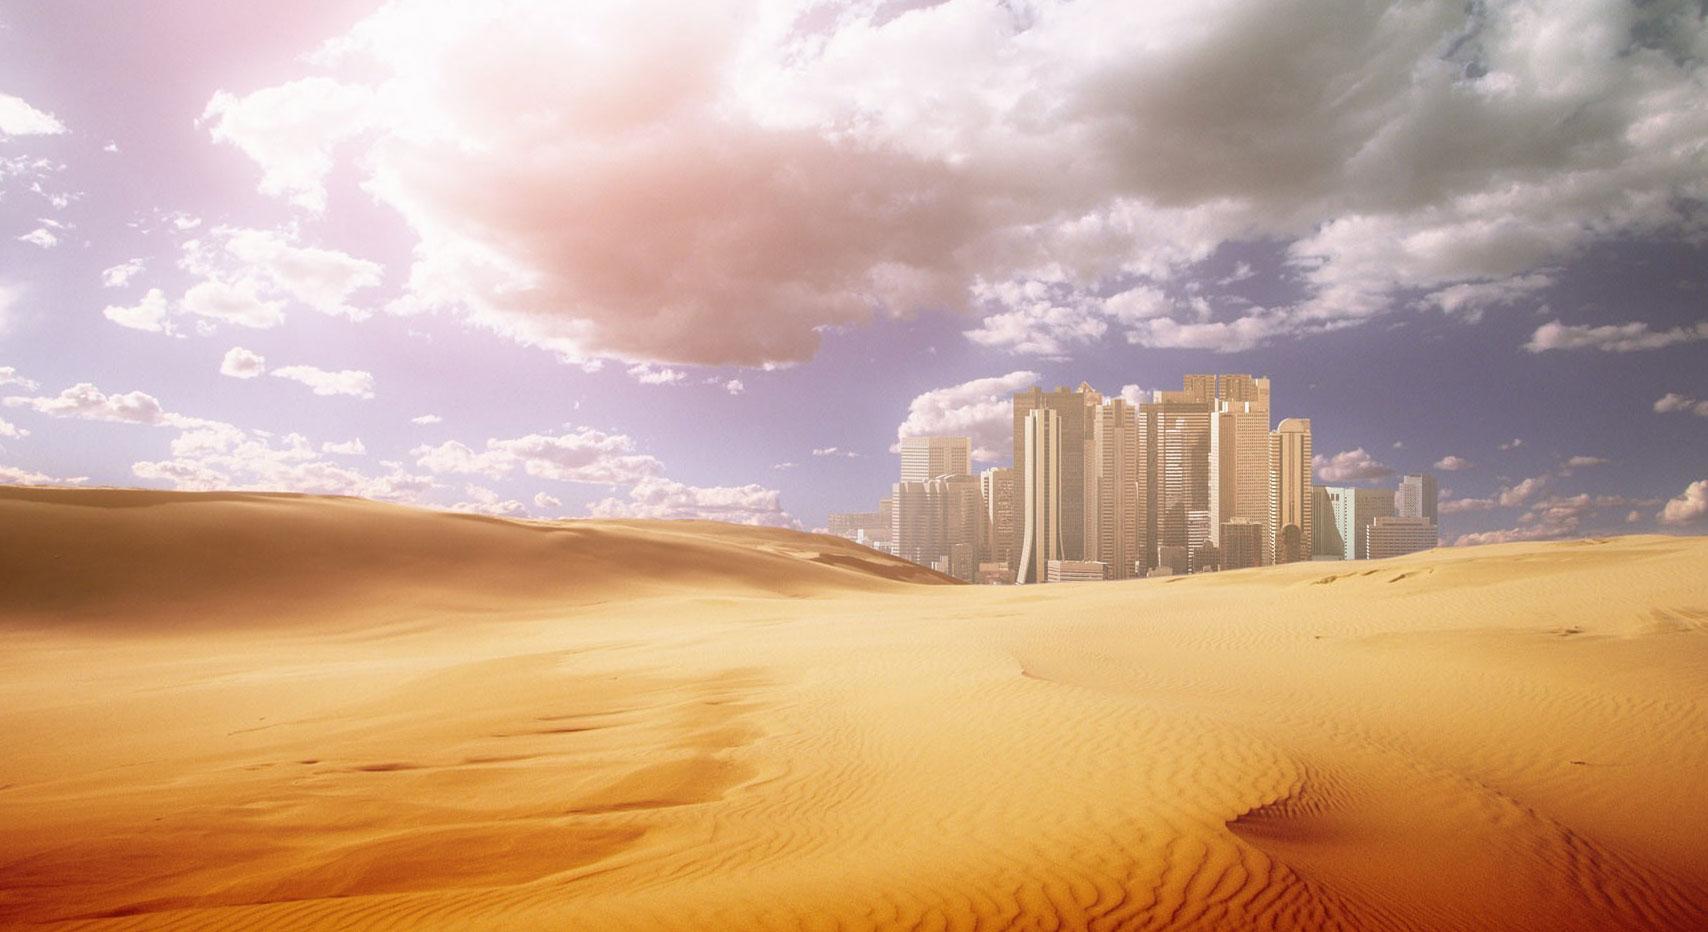 desert_mirage_1920x1200